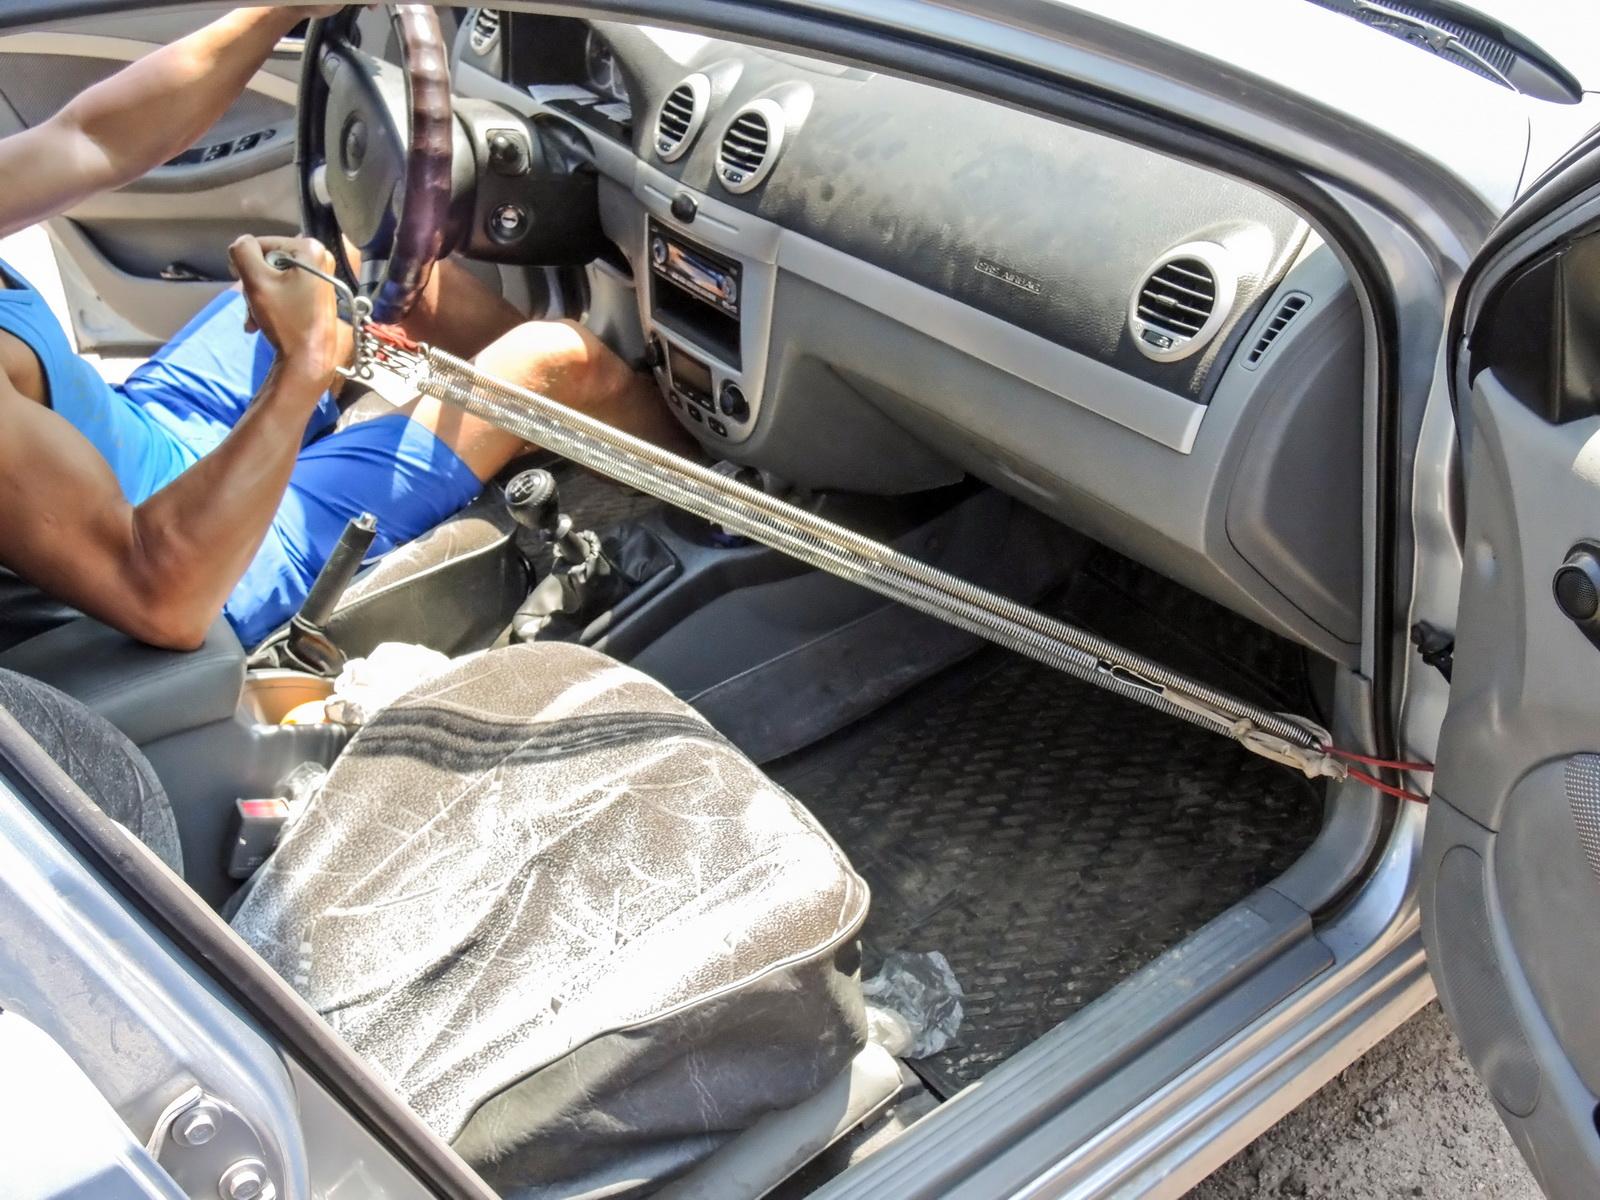 Автолюбители автолюбителям - полезные советы - журнал За рулем